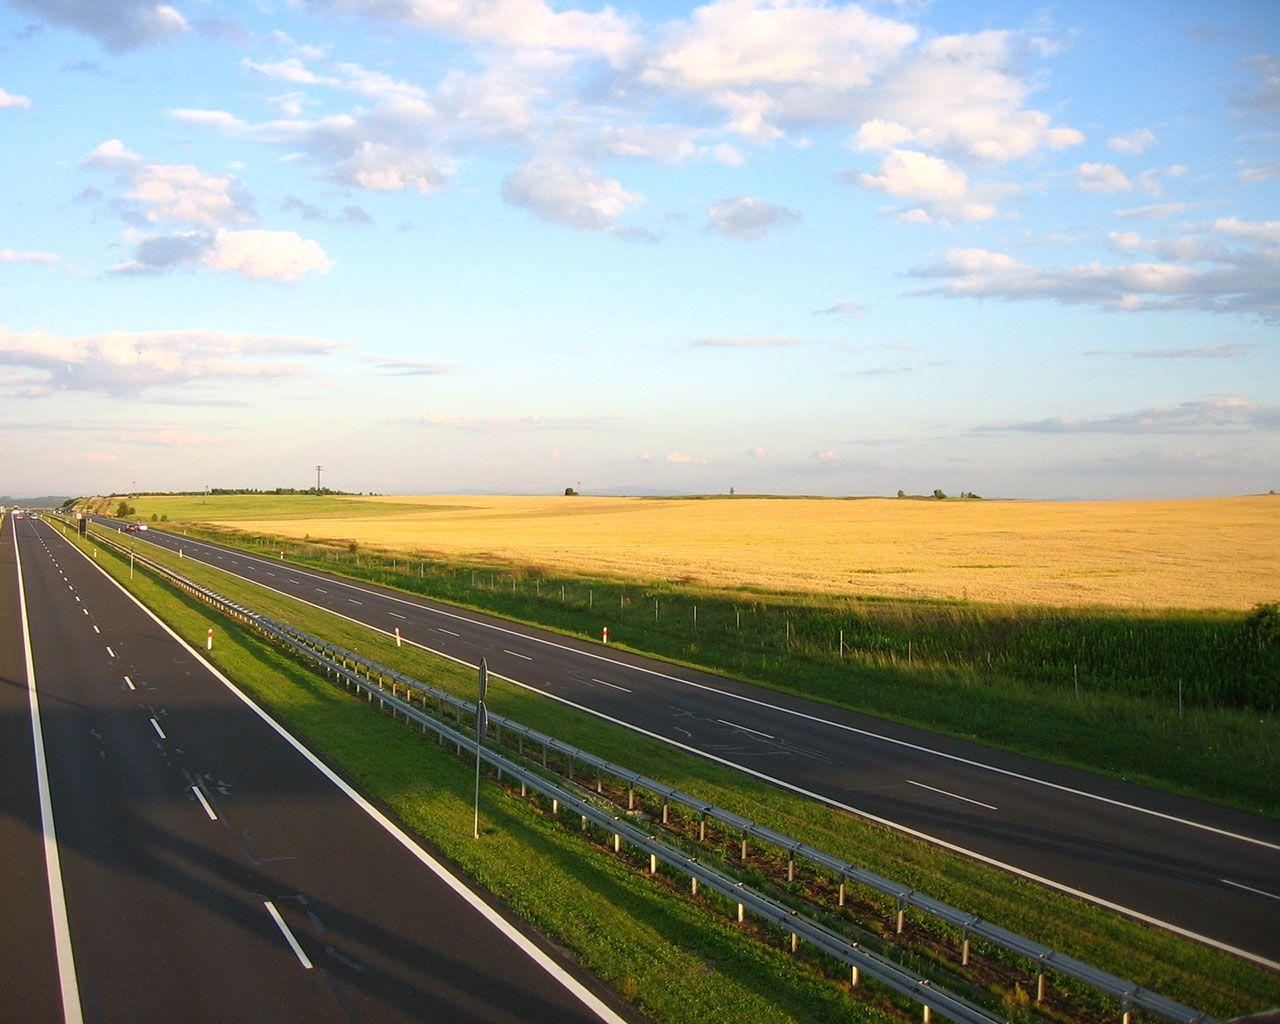 Op slechts enkele autominuten vindt u de uitvalswegen A50 en A1. Zo bent u snel op uw bestemming buiten Apeldoorn, zonder dat u zich eerst door het centrum hoeft te worstelen.